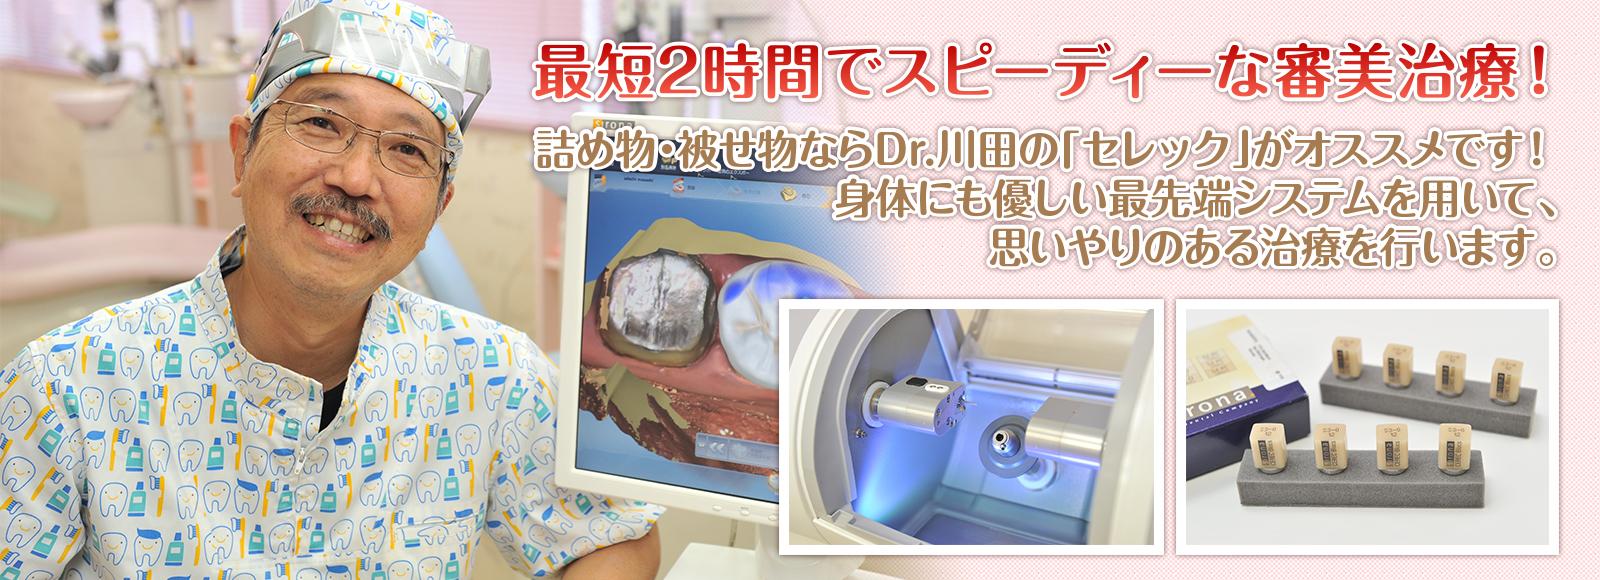 【最短1時間でスピーディーな審美治療!】詰め物・被せ物ならDr.川田の「セレック」がオススメです!身体にも優しい最先端システムを用いて、思いやりのある治療を行います。